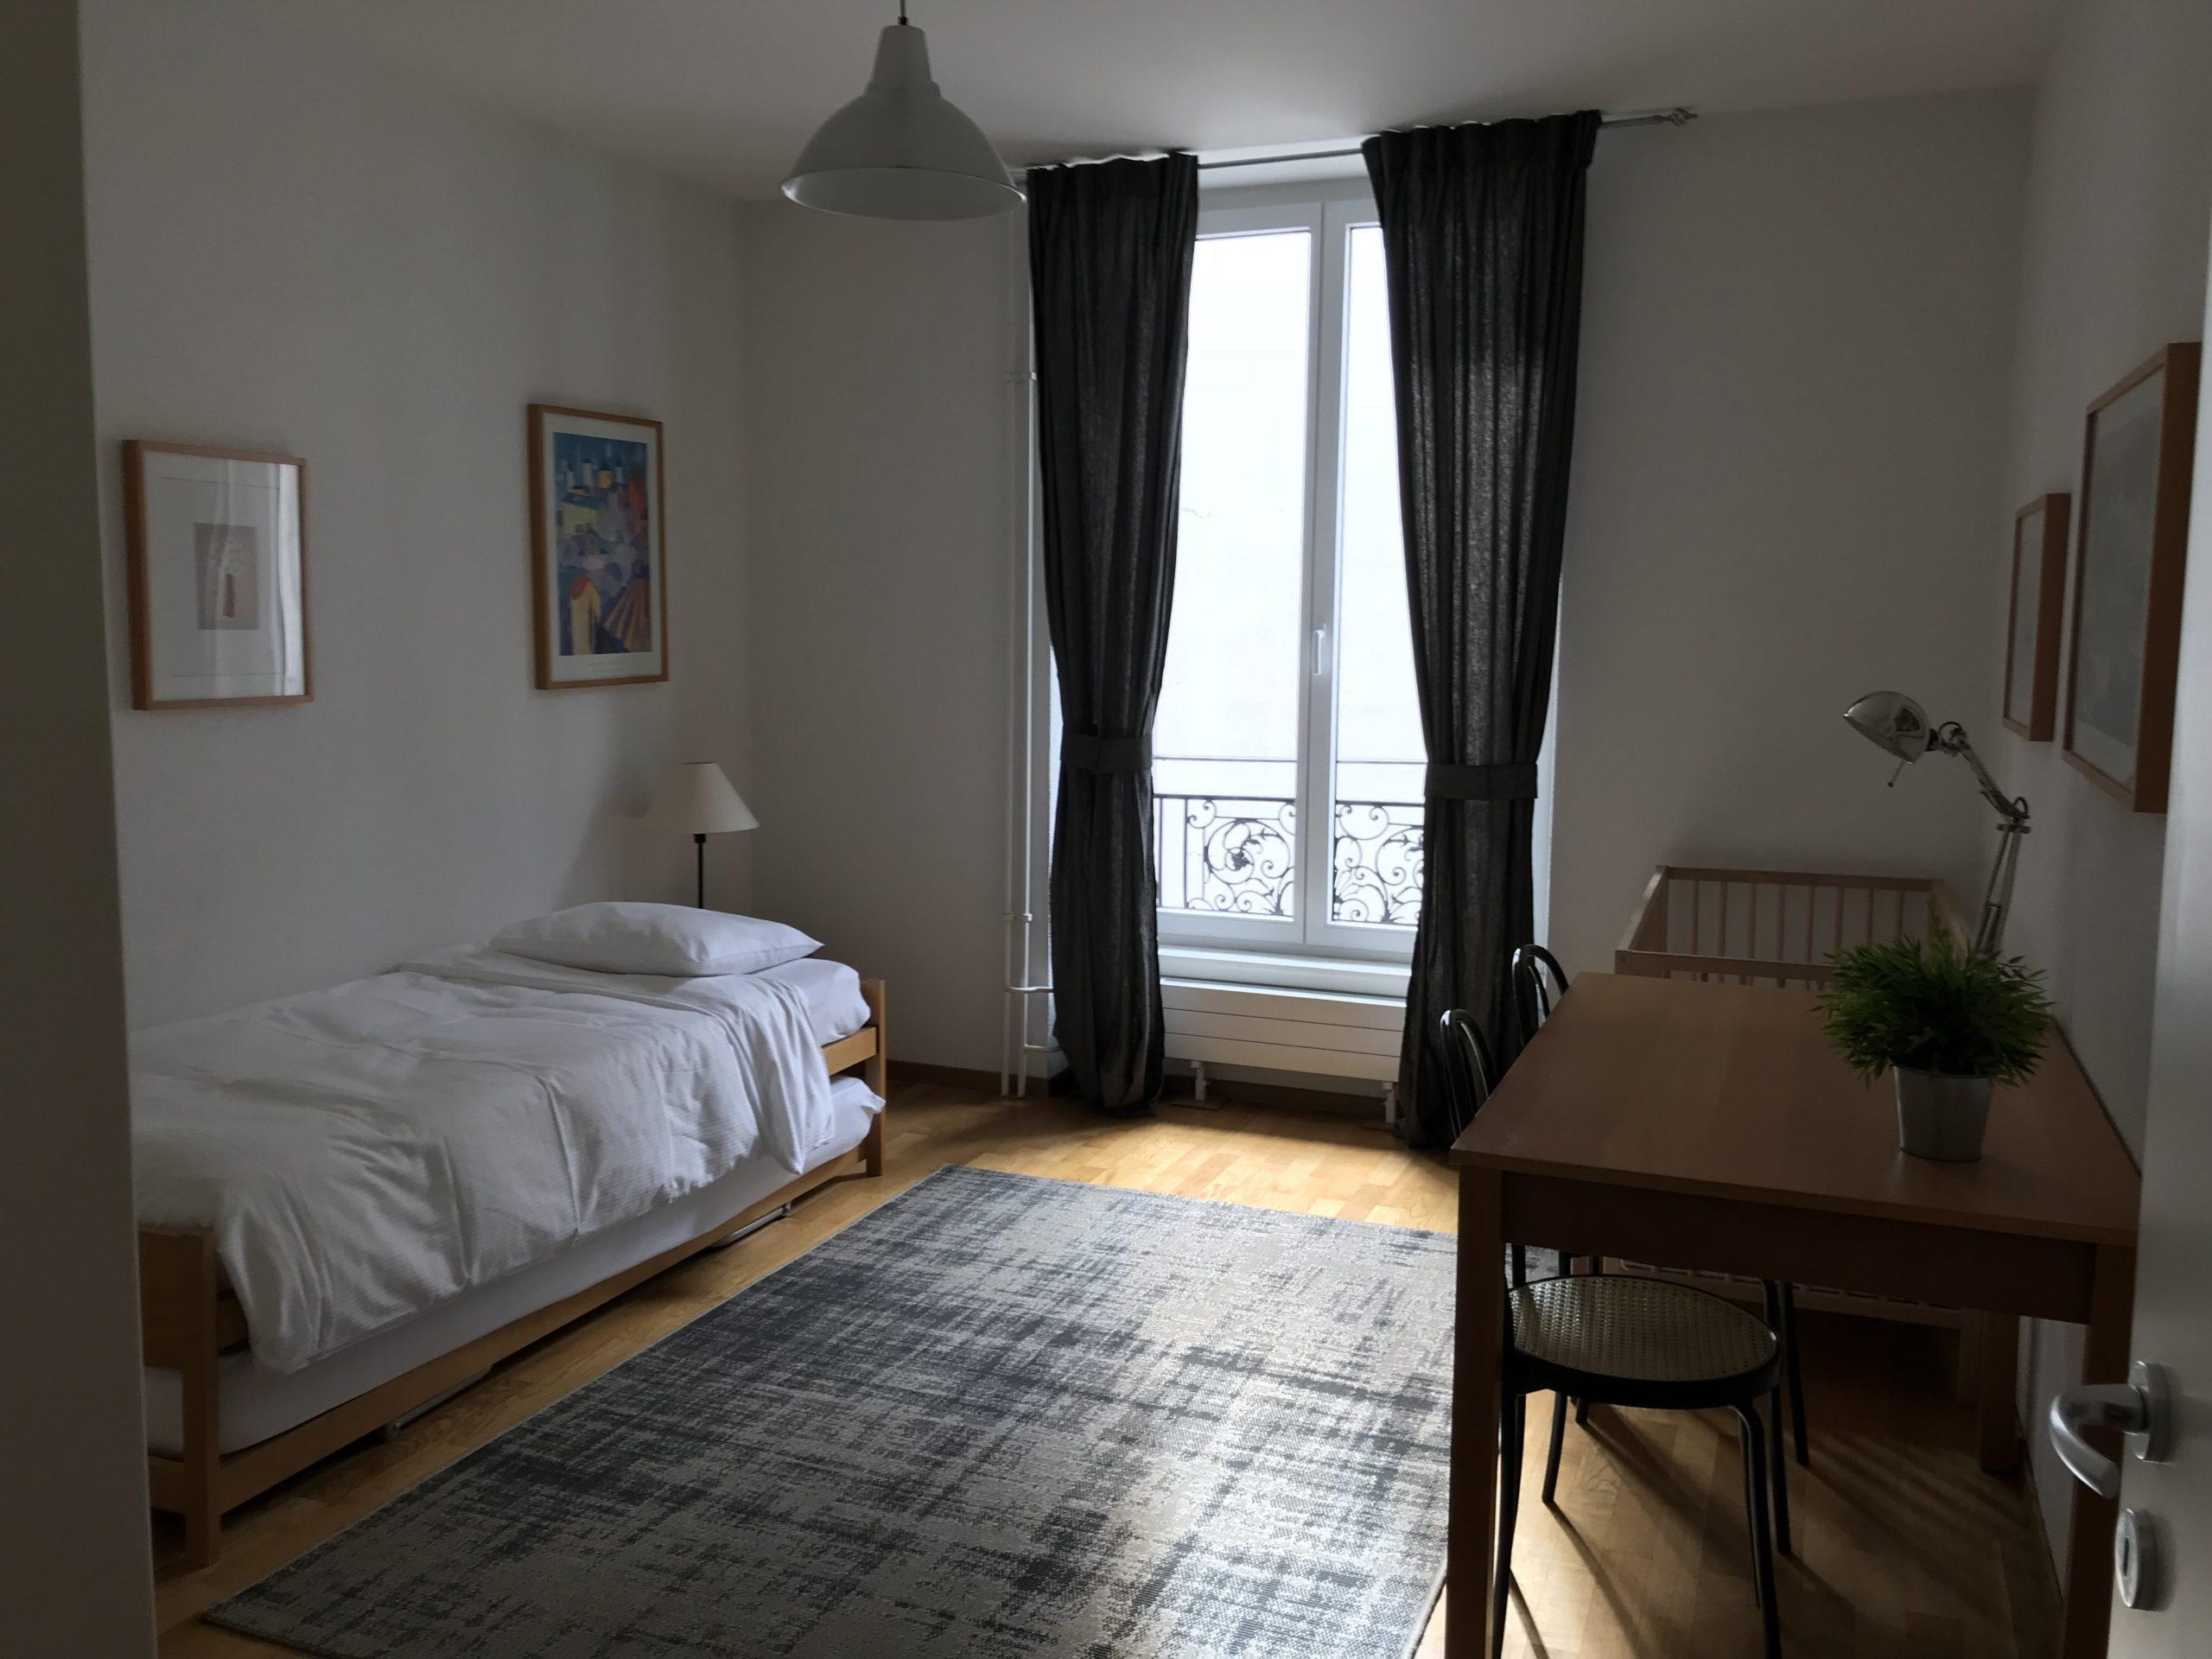 Ch. du Closelet 4, Lausanne - 4,5 pièces - Lot 32 12